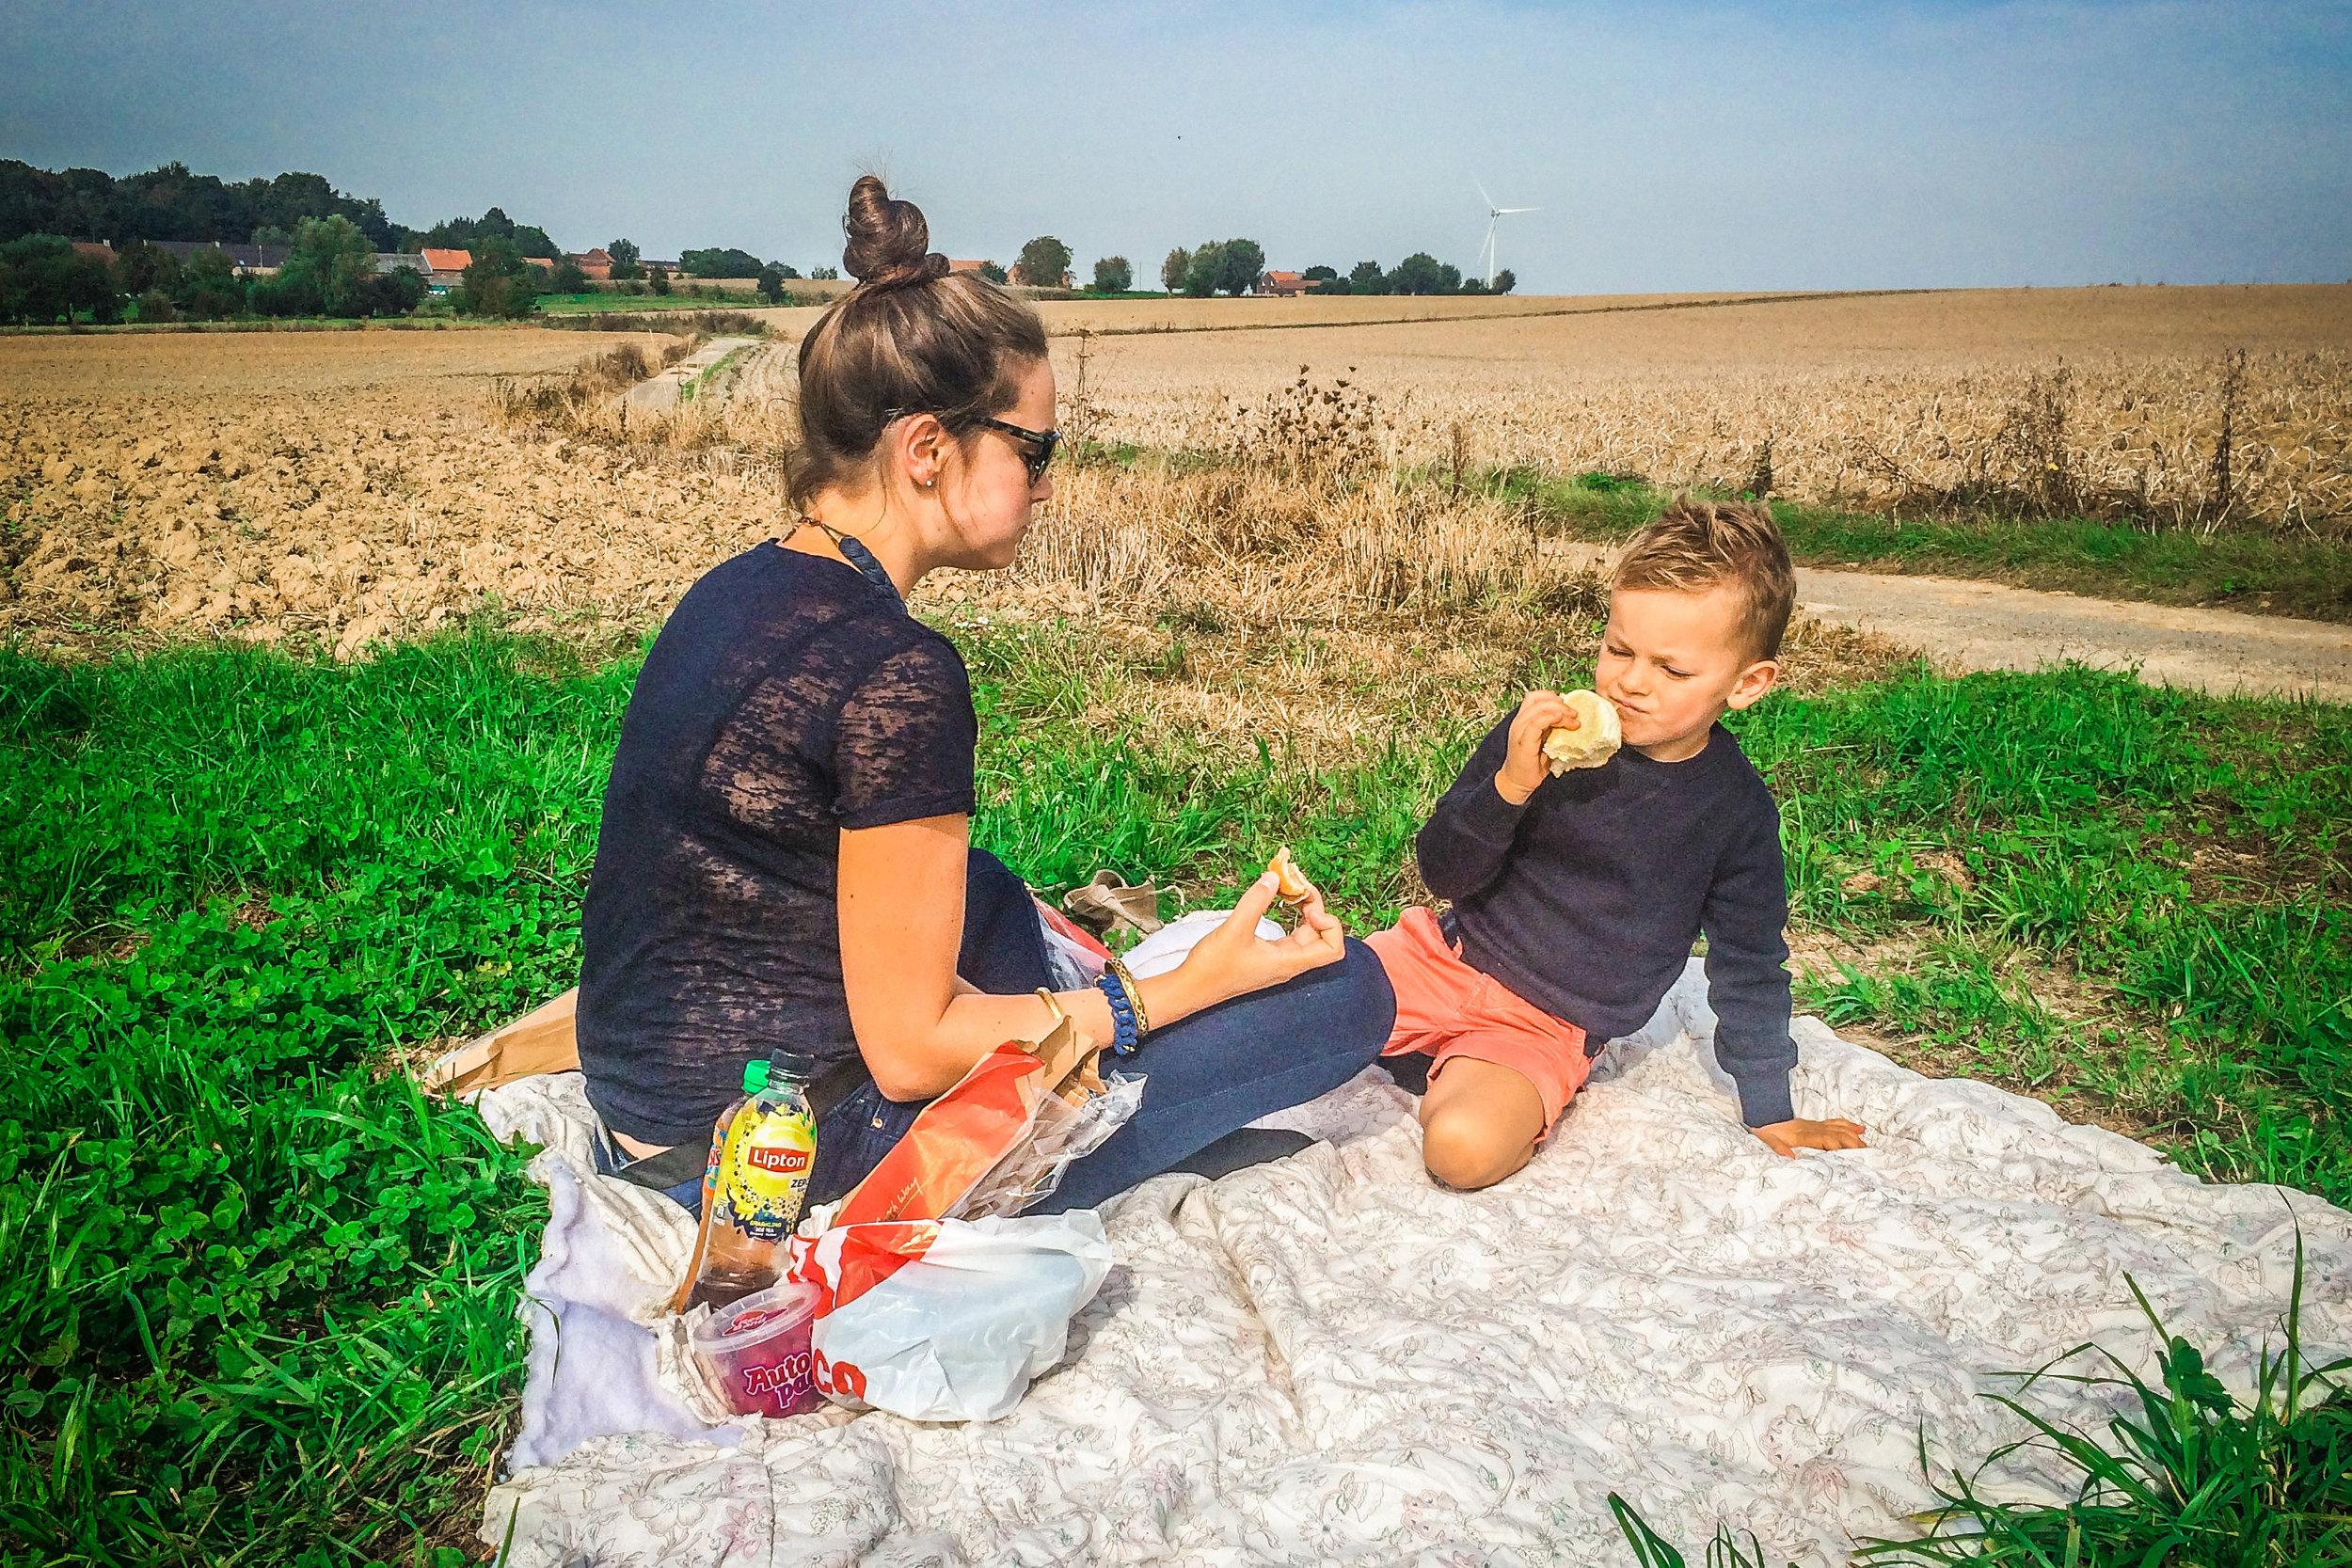 picknick langs de weg - Picknick velden